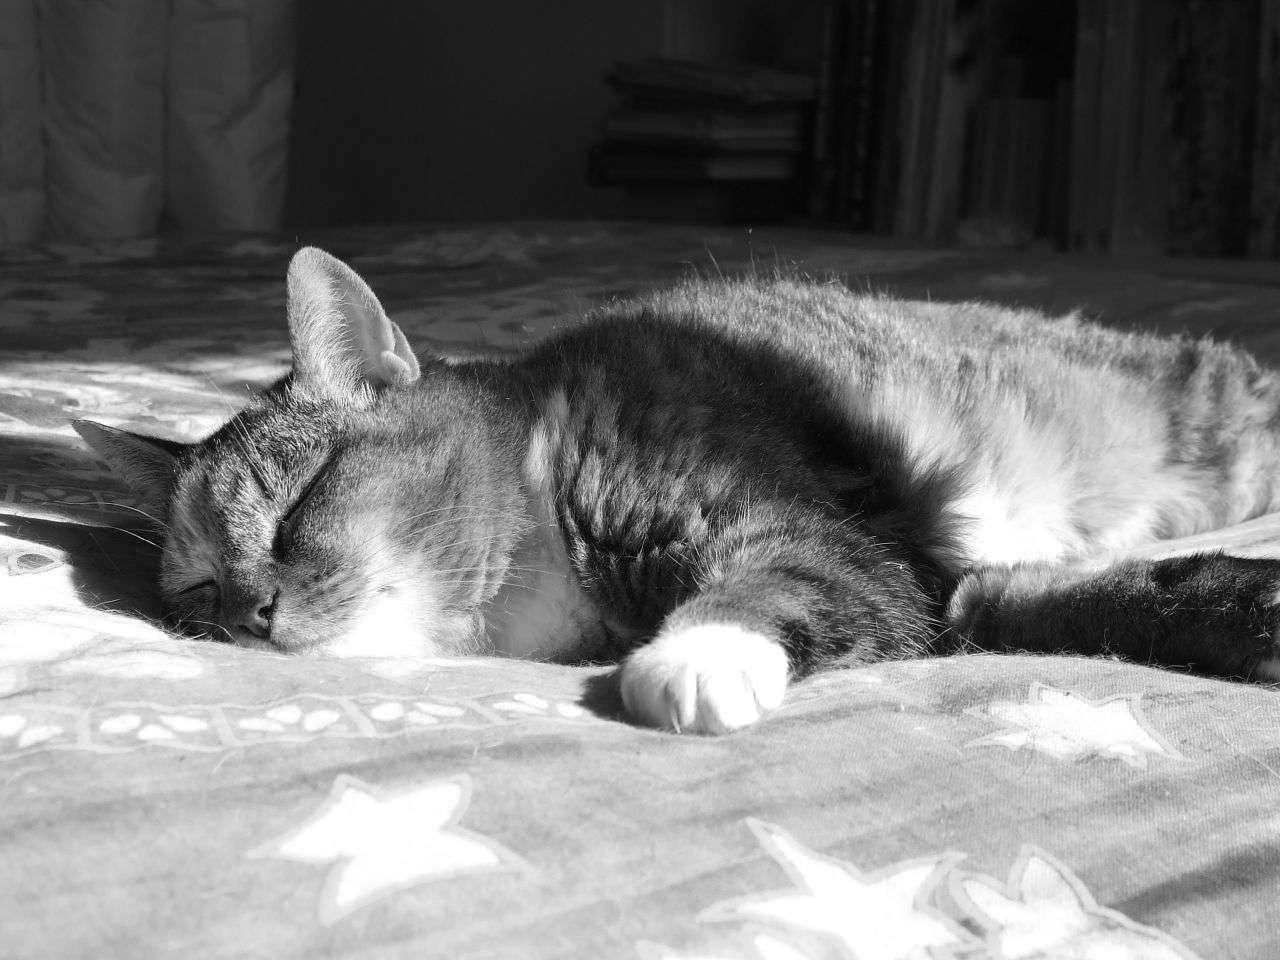 Les chats ont beau paraître très heureux lorsqu'ils dorment sur le lit, ils risquent d'induire des allergies en laissant leurs squames dans les draps. © Elfleda, Flickr, cc by nc nd 2.0